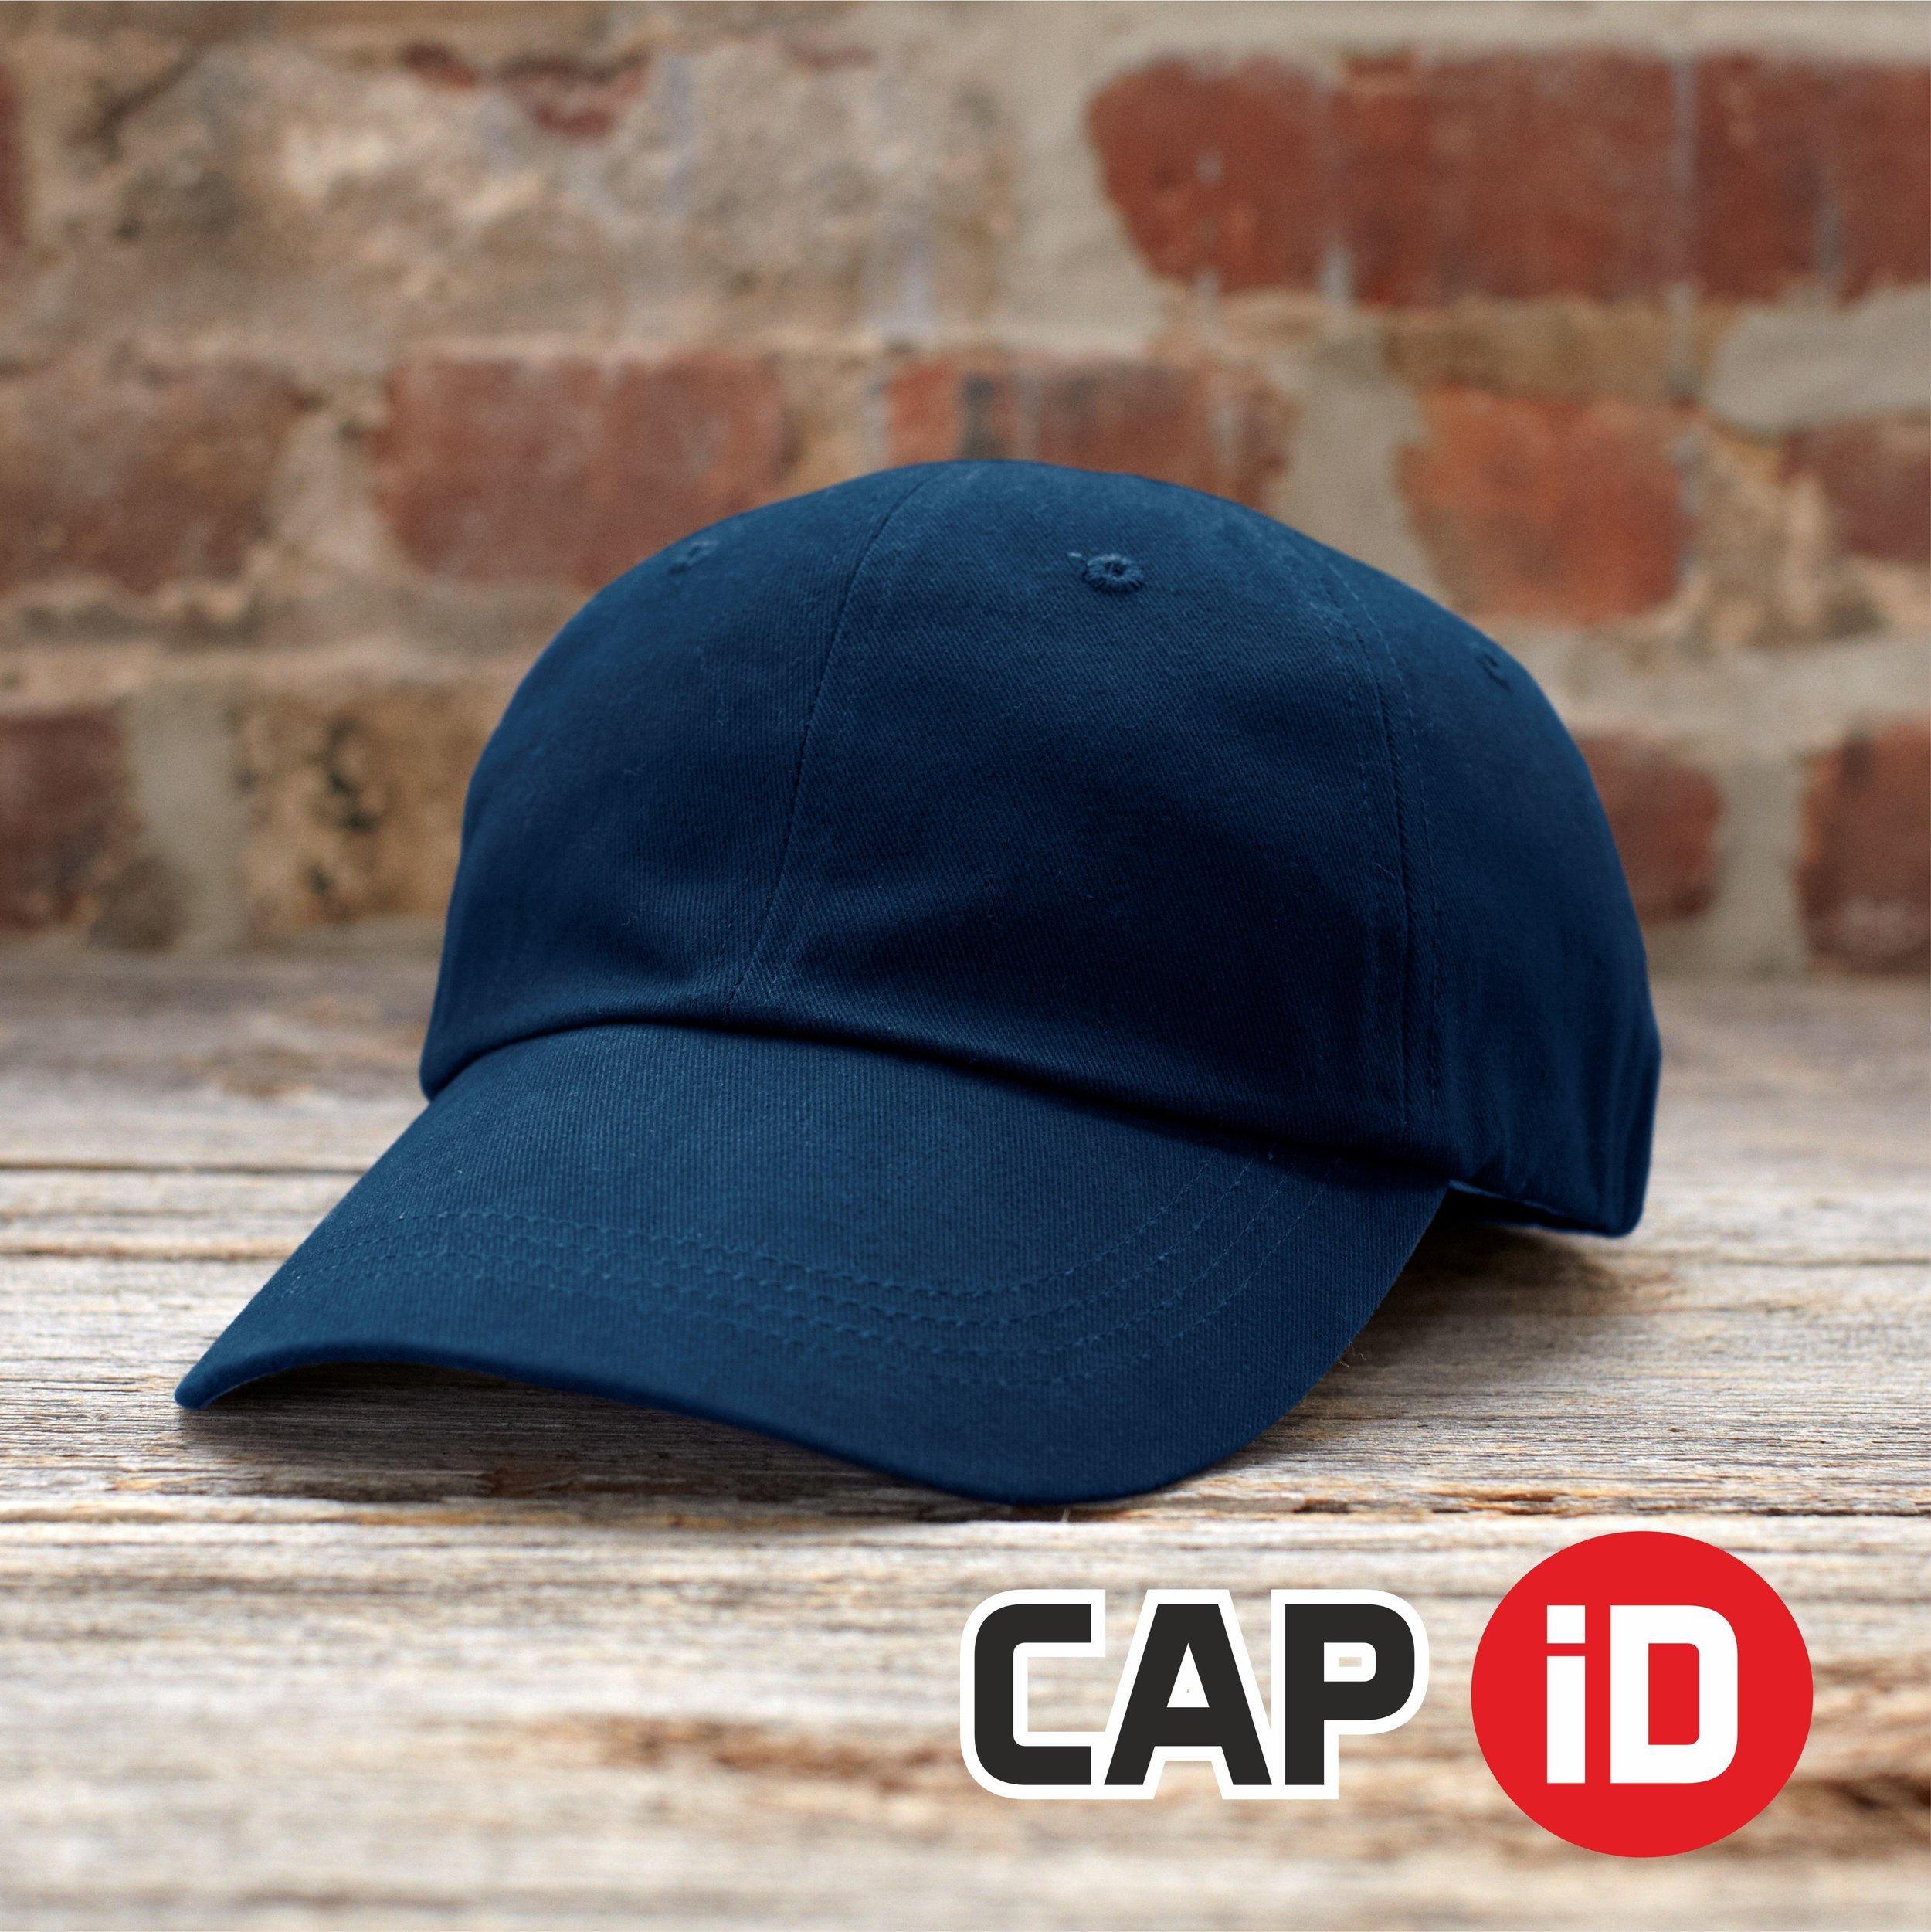 CAP iD.jpg